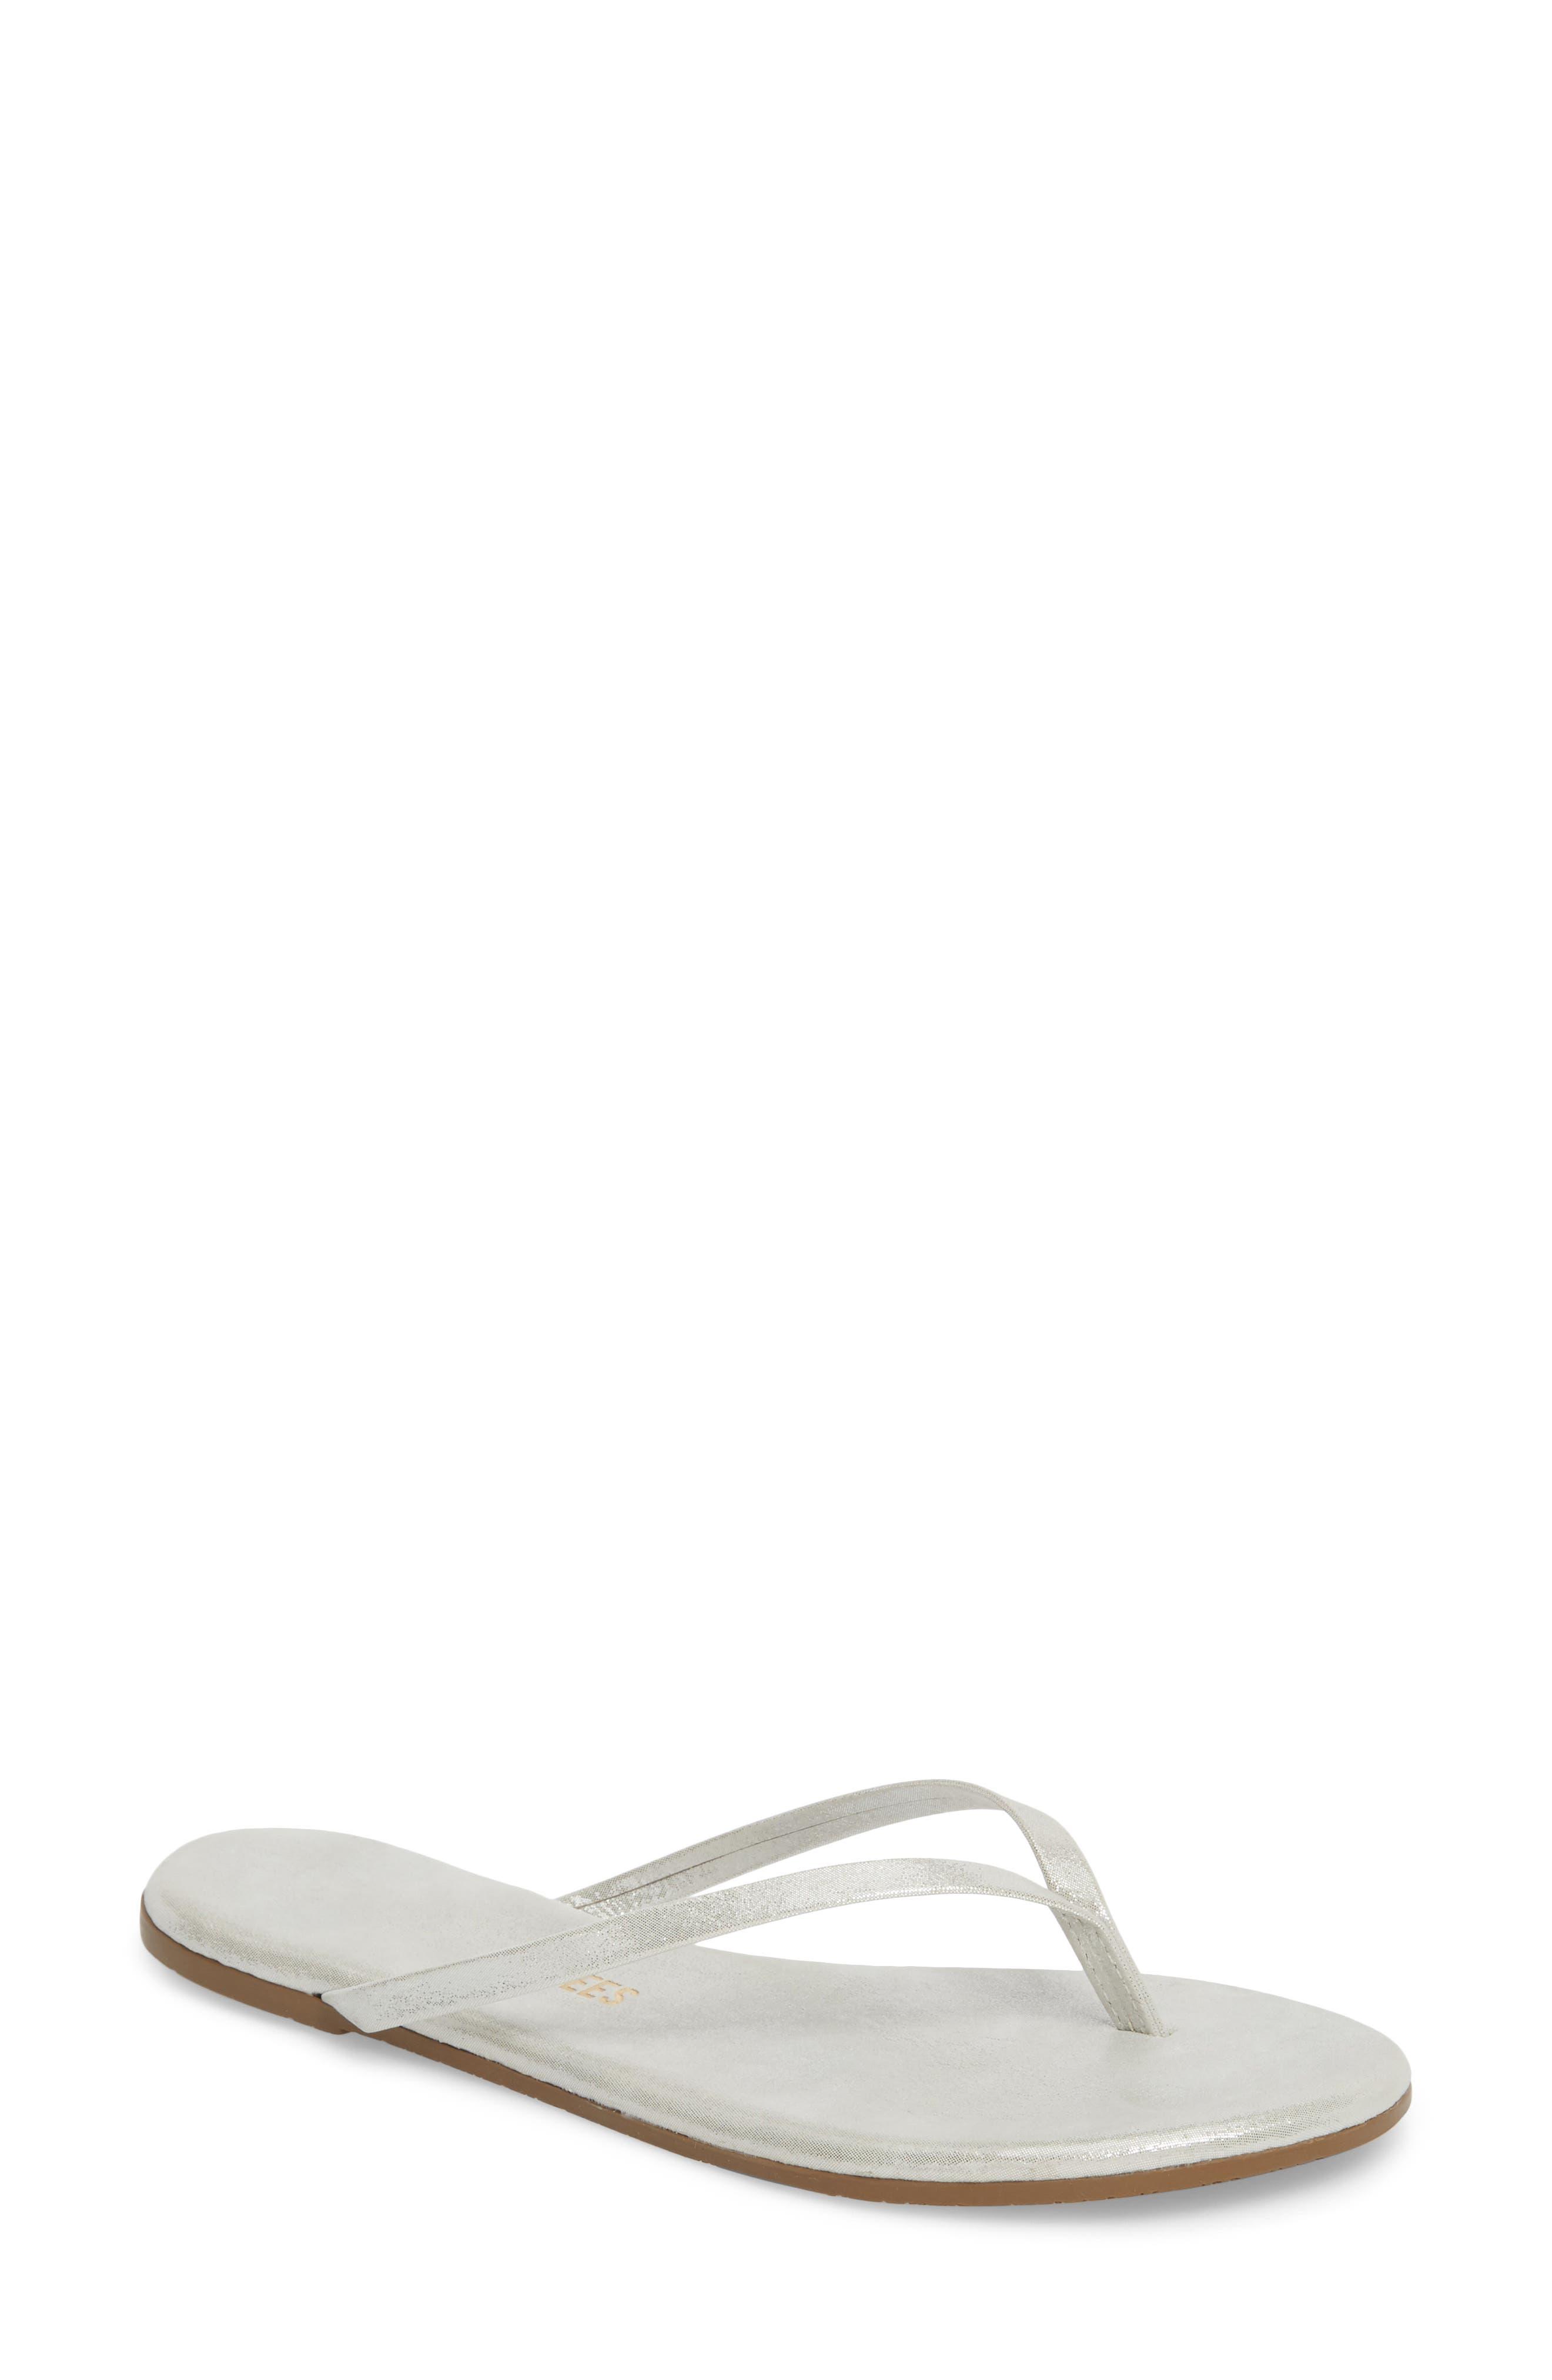 'Glitters' Flip Flop,                         Main,                         color, 040